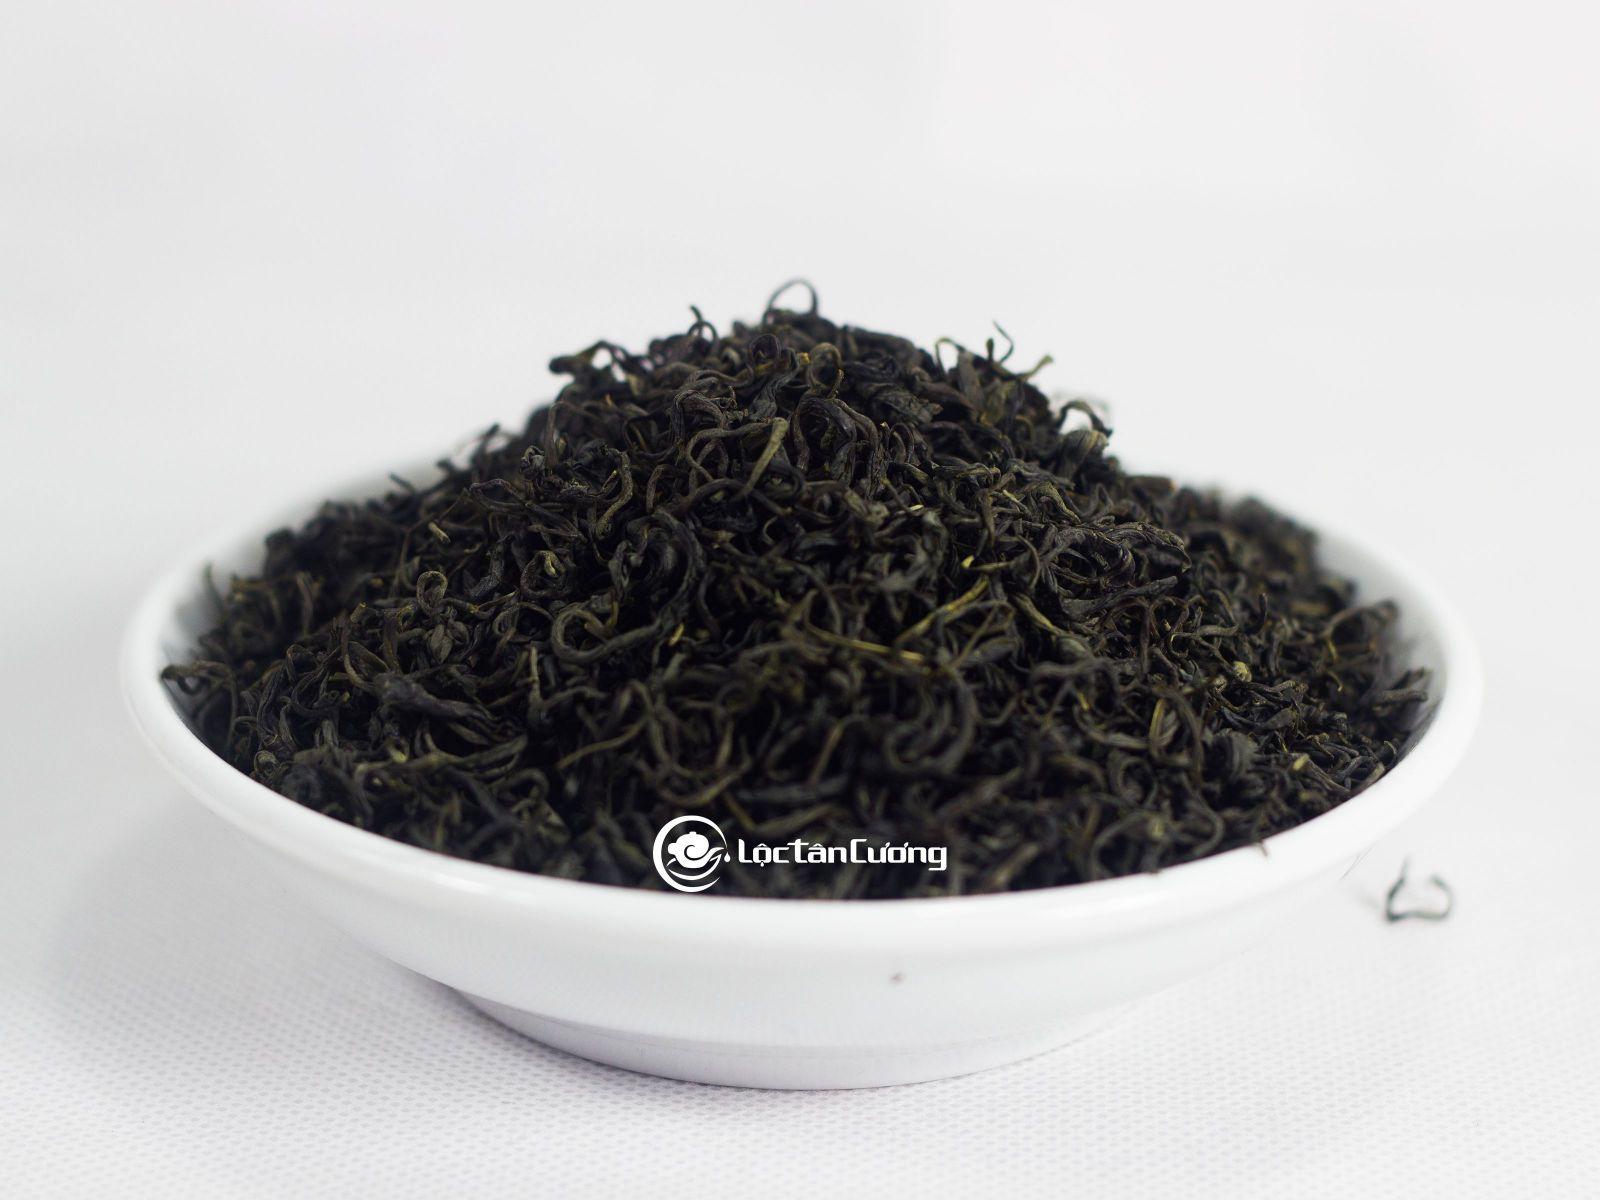 Trà bắc hay chè bắc là cụm từ được dùng để gọi chung cho tất cả các loại trà mạn ở miền bắc